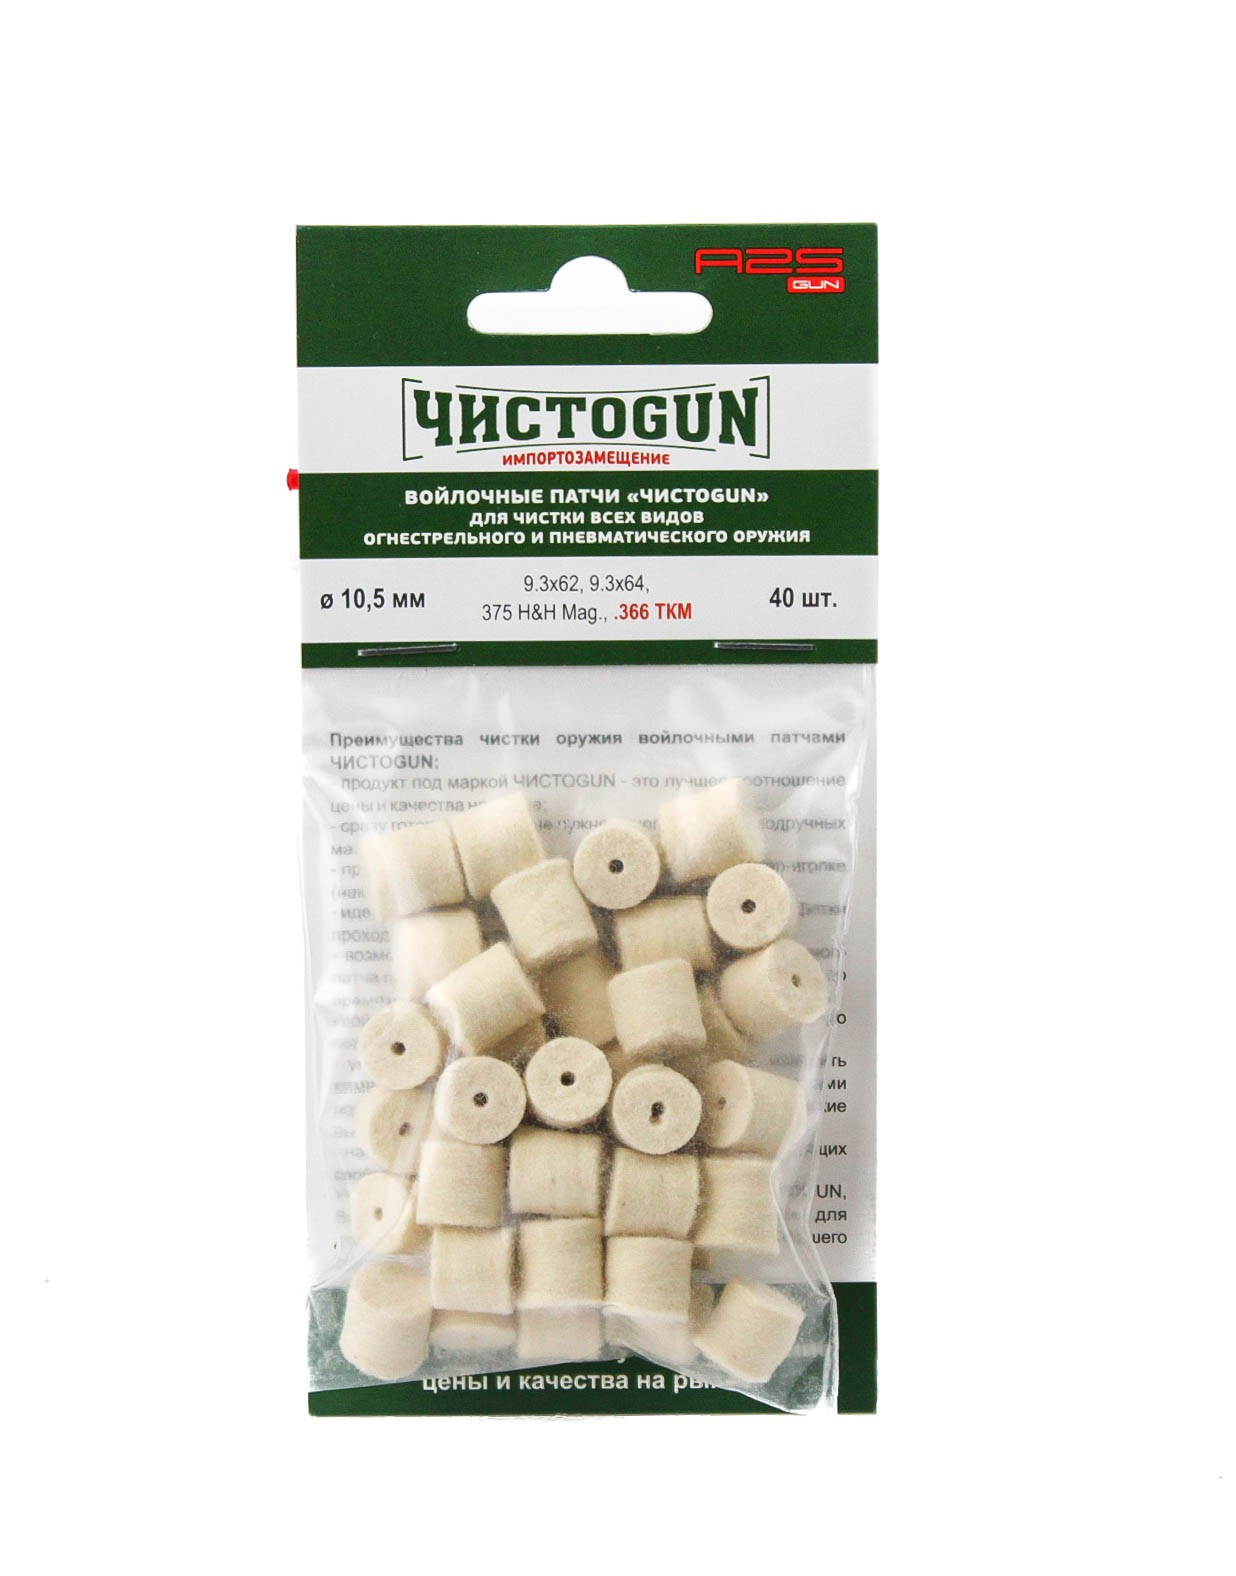 Патчи ЧистоGun войлочные 10,5мм 9,3х62 9,3х64 375H&H Mag уп.40шт купить в интернет-магазине «Мир охоты»